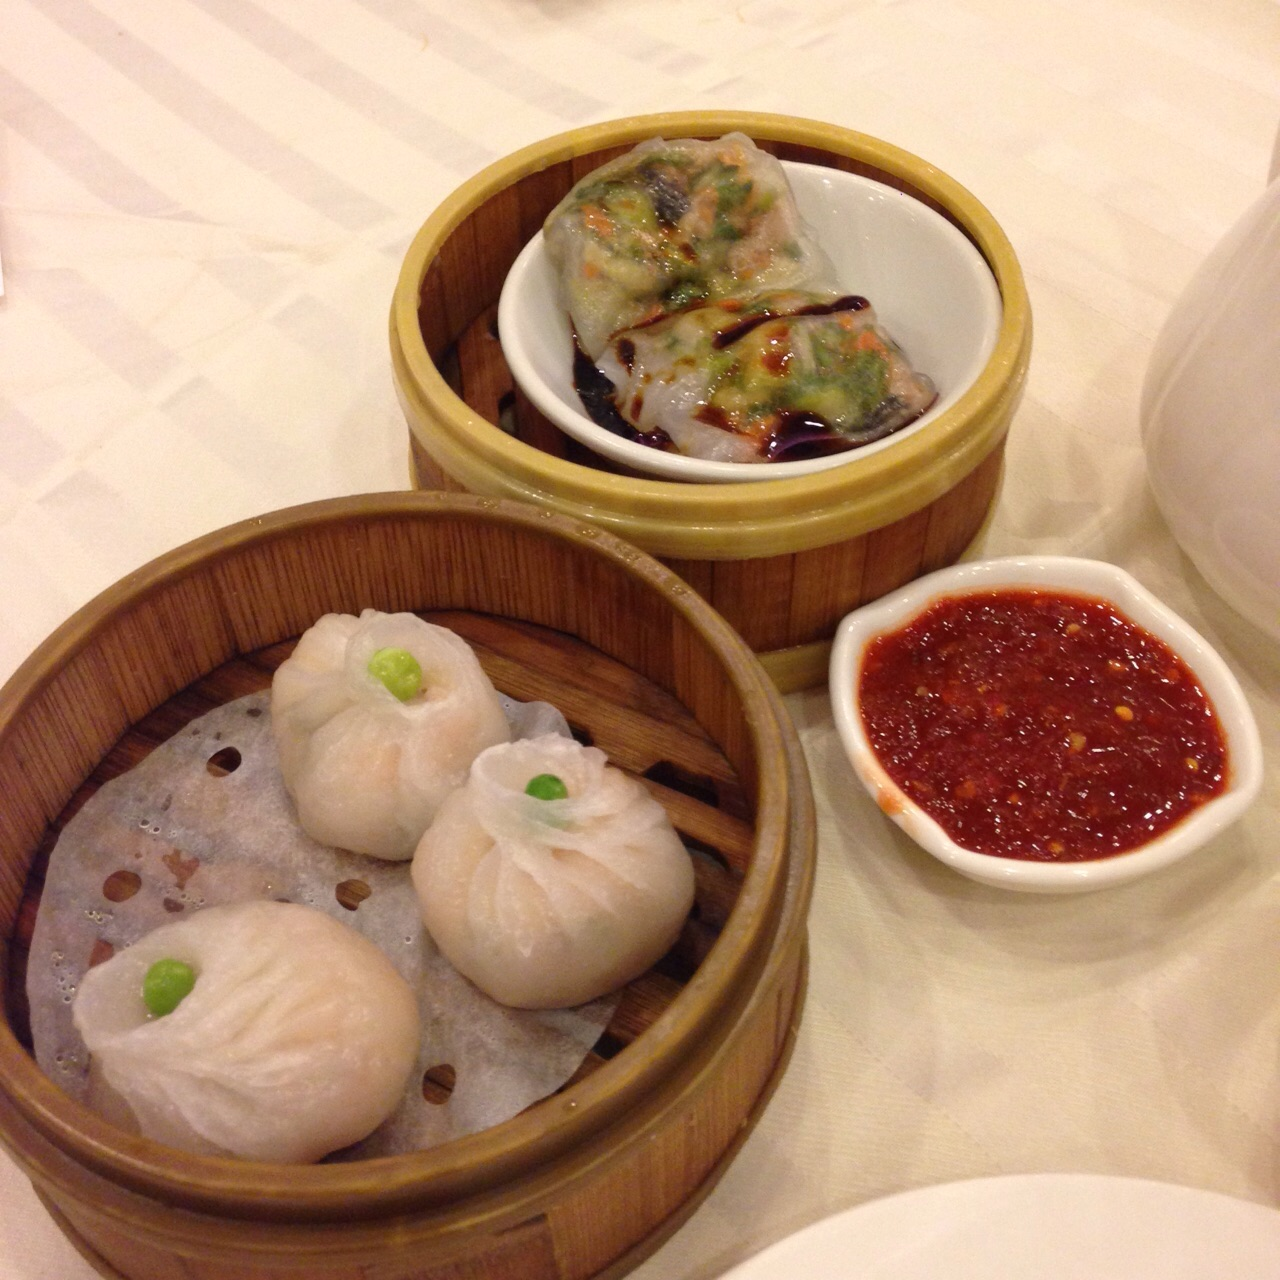 Alguns dos Dim Sum que eu experimentei naquele dia. Até hoje não sei do que eram, mas estavam deliciosos! :)